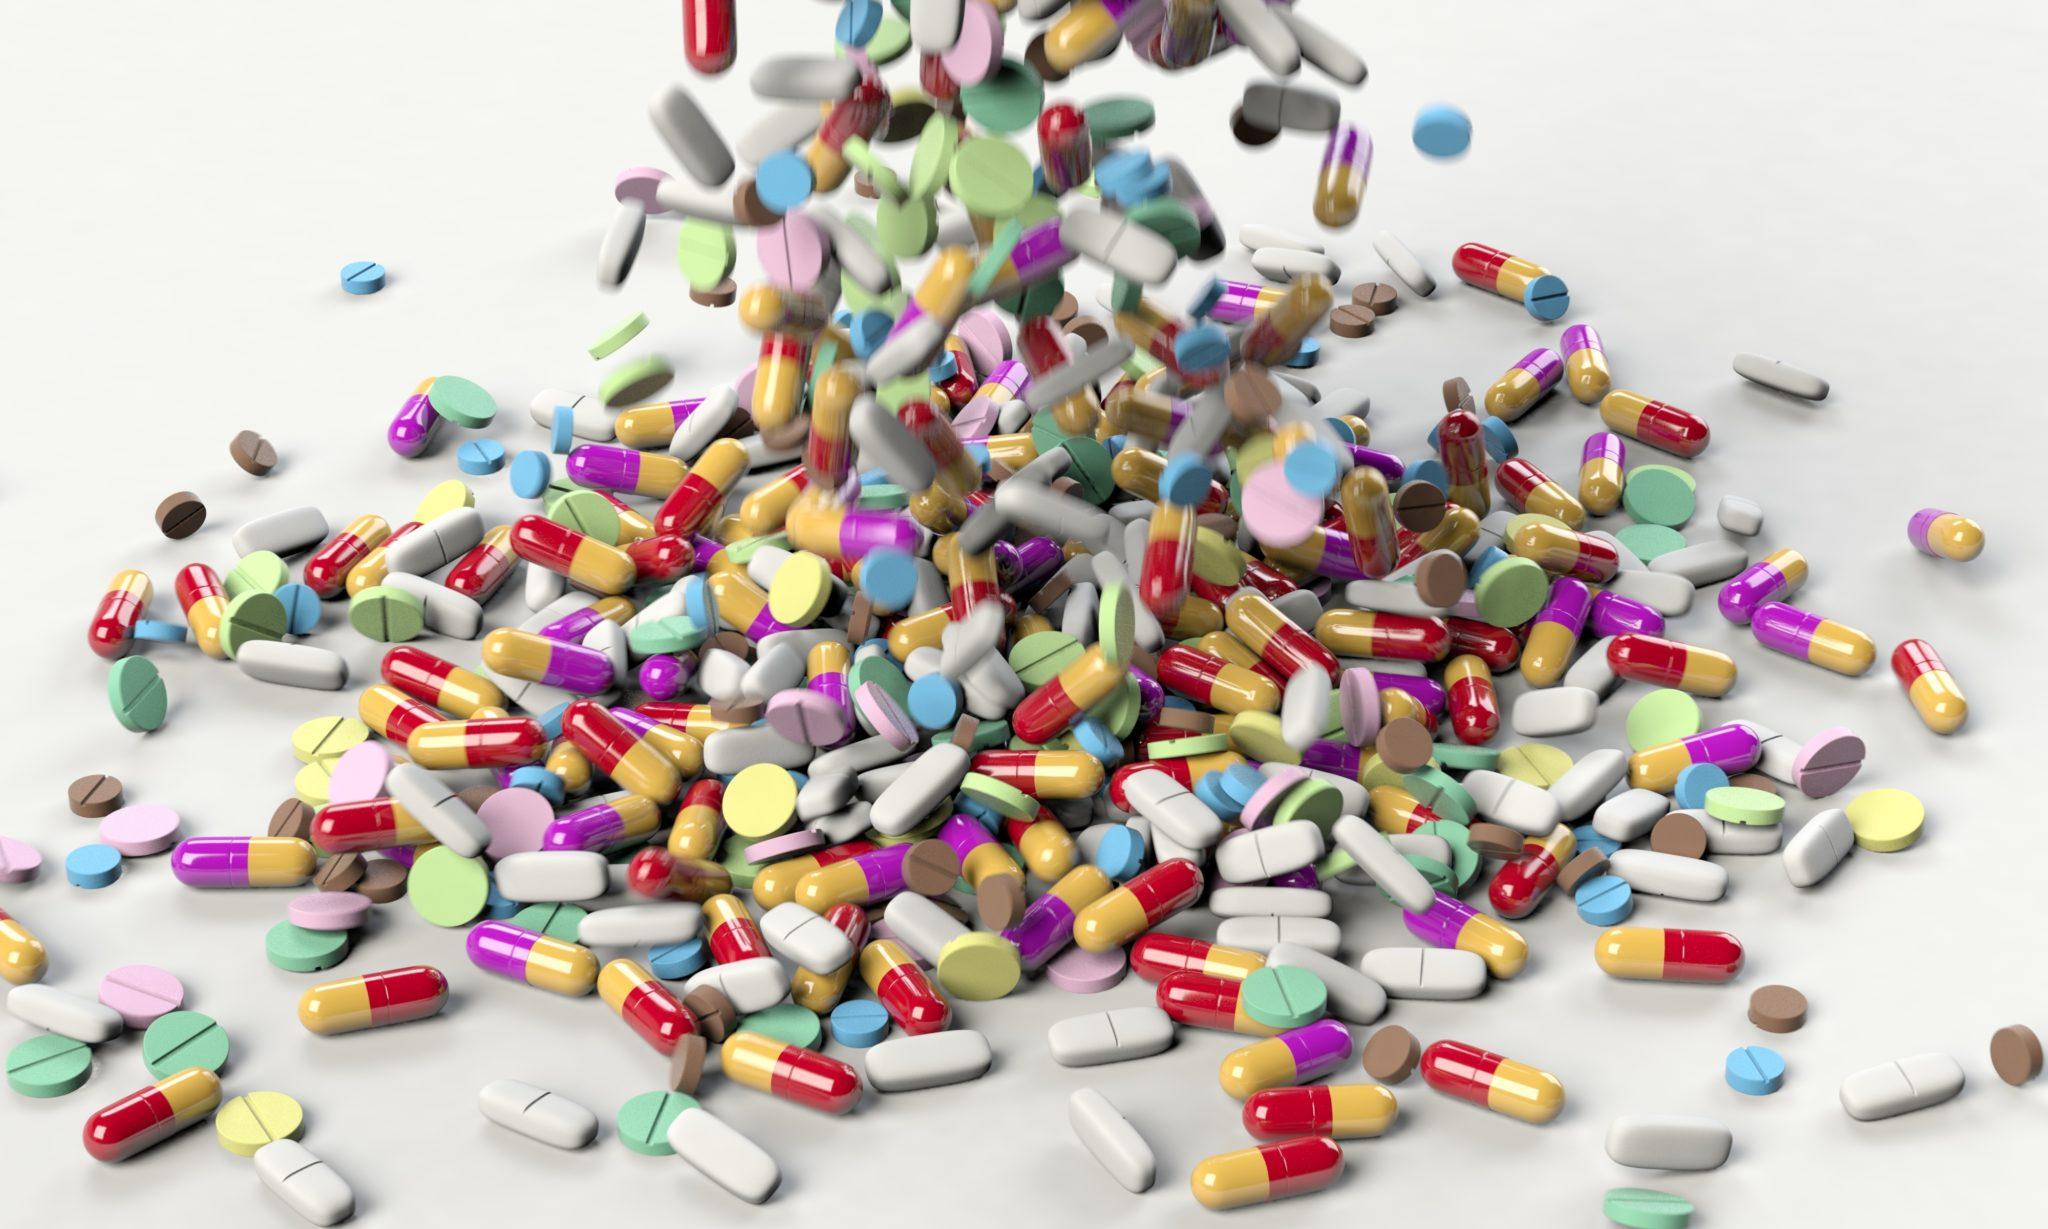 Image source: https://pixabay.com/illustrations/pills-medicine-medical-health-drug-3673645